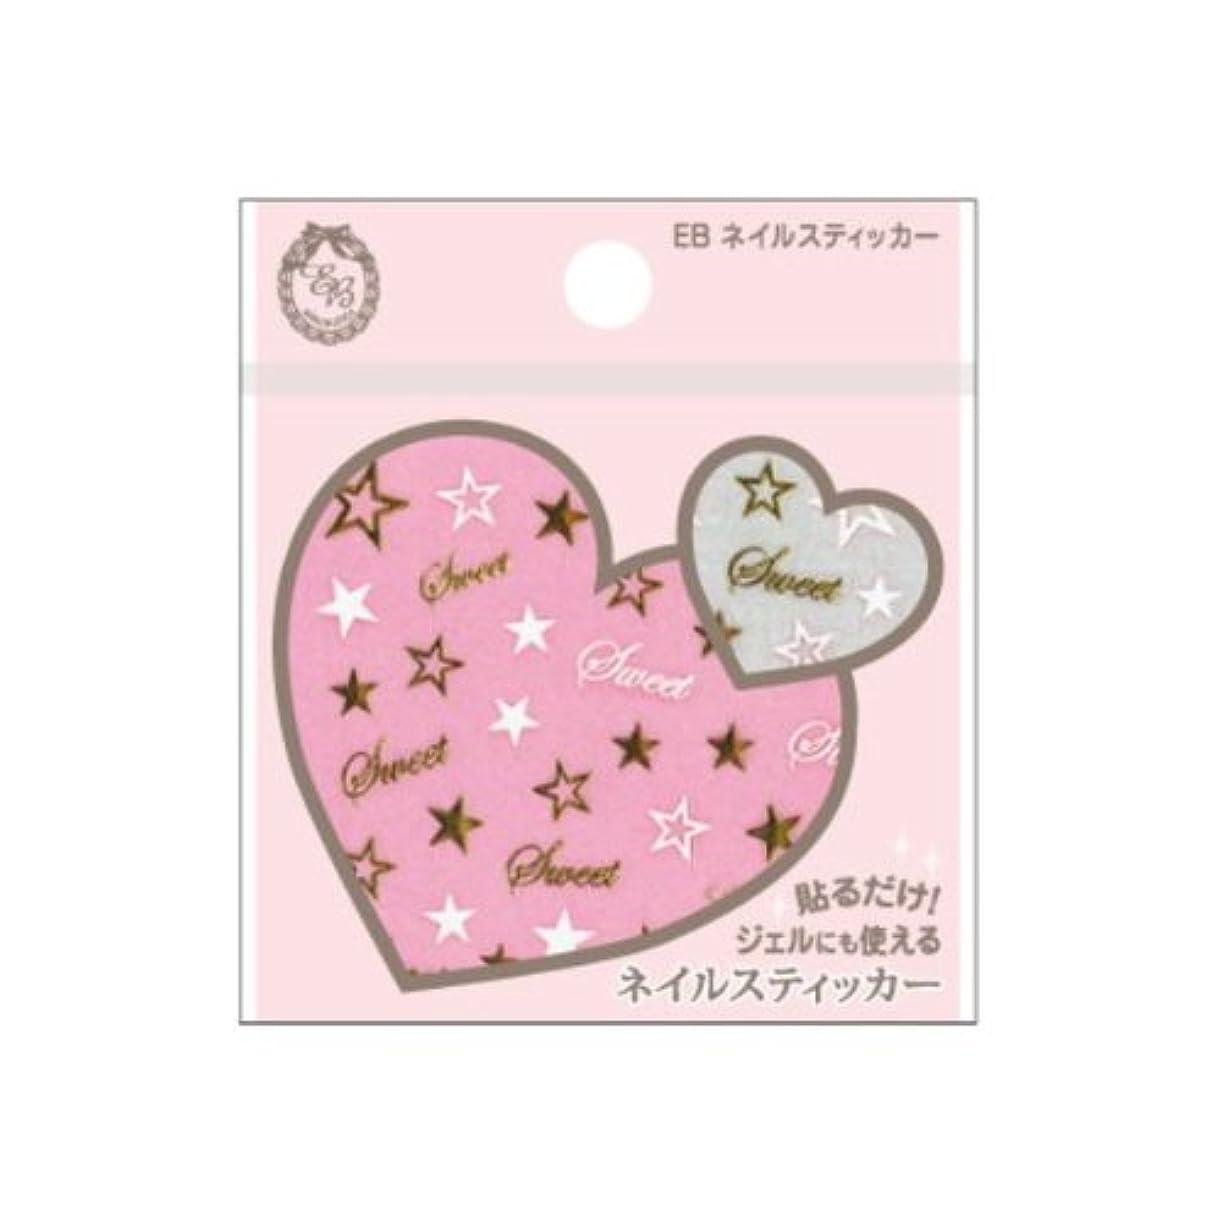 ぶら下がる共役カスタムEB ネイルスティッカー haru-09